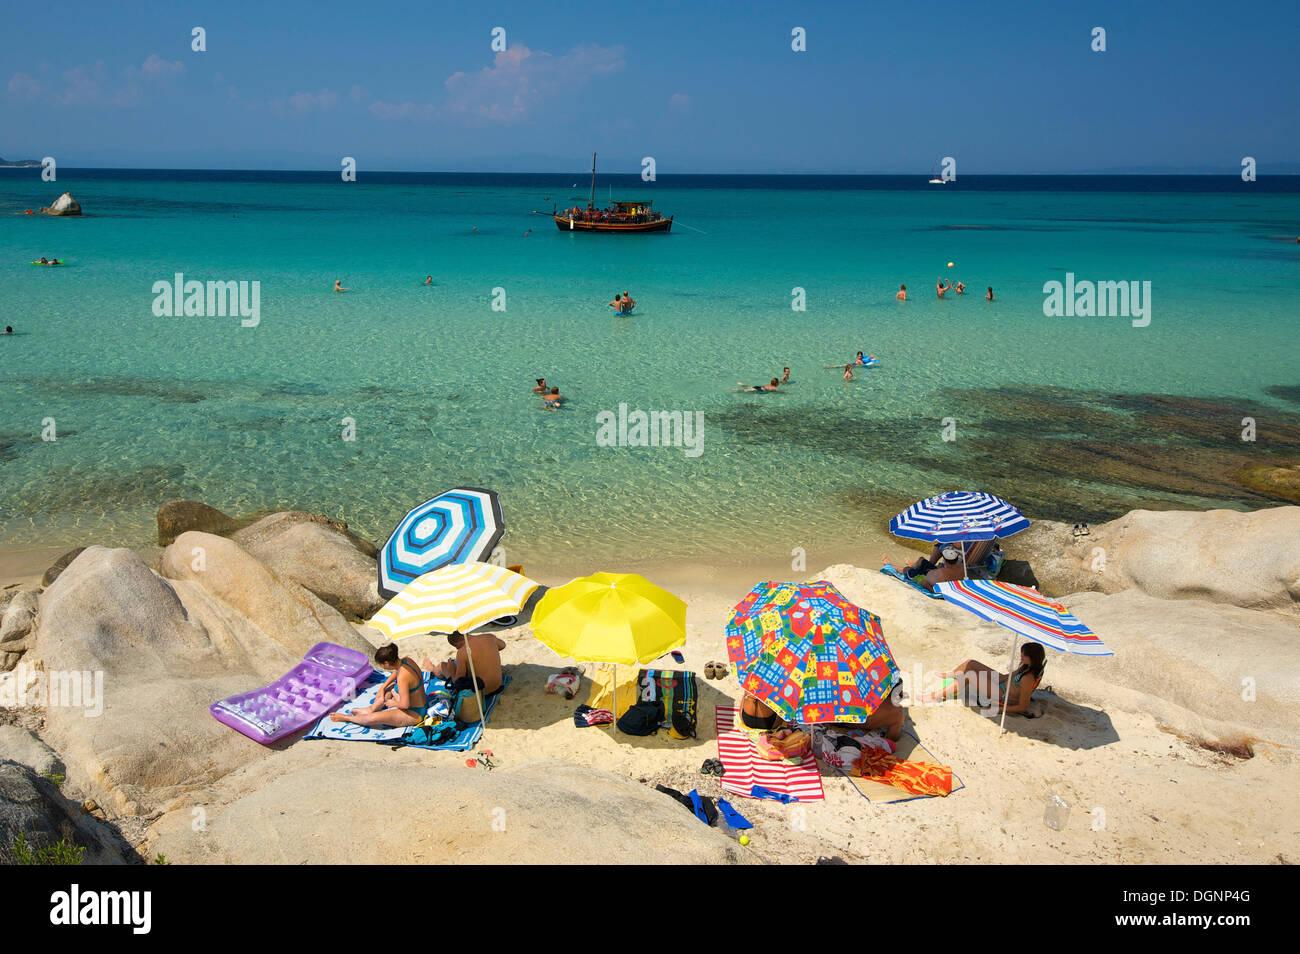 Tourists with parasols at the beach of Portokali, Kavourotypes, Sithonia, Chalkidiki or Halkidiki, Greece, Europe Stock Photo